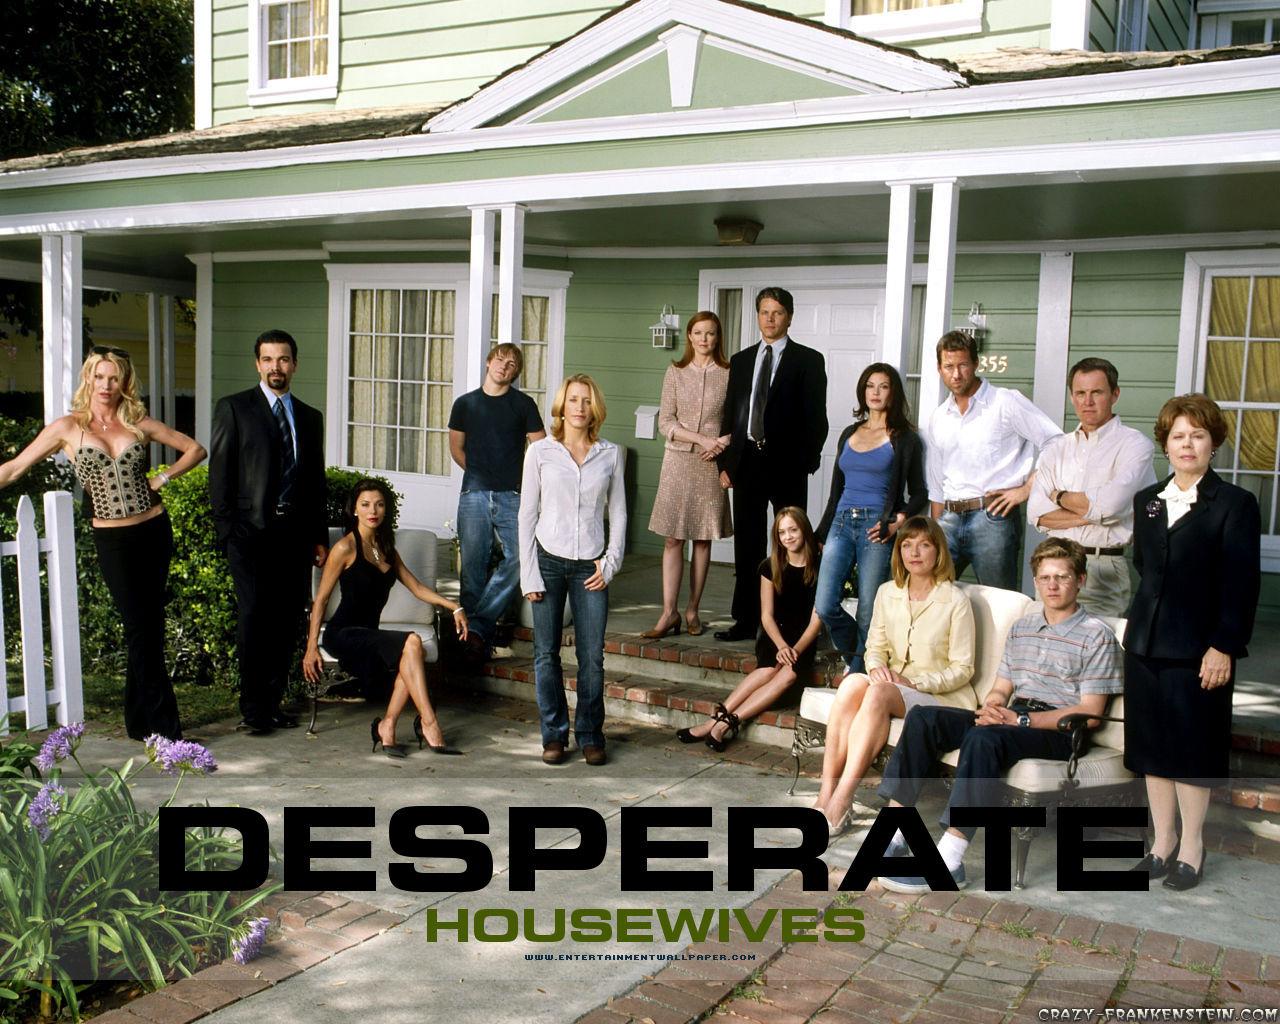 http://1.bp.blogspot.com/_cx0_GfK5dNs/TFsPjqfp3fI/AAAAAAAAFak/fToFpnLrRuM/s1600/cast-desperate-housewives-tv-series-wallpapers-1280x1024.jpg